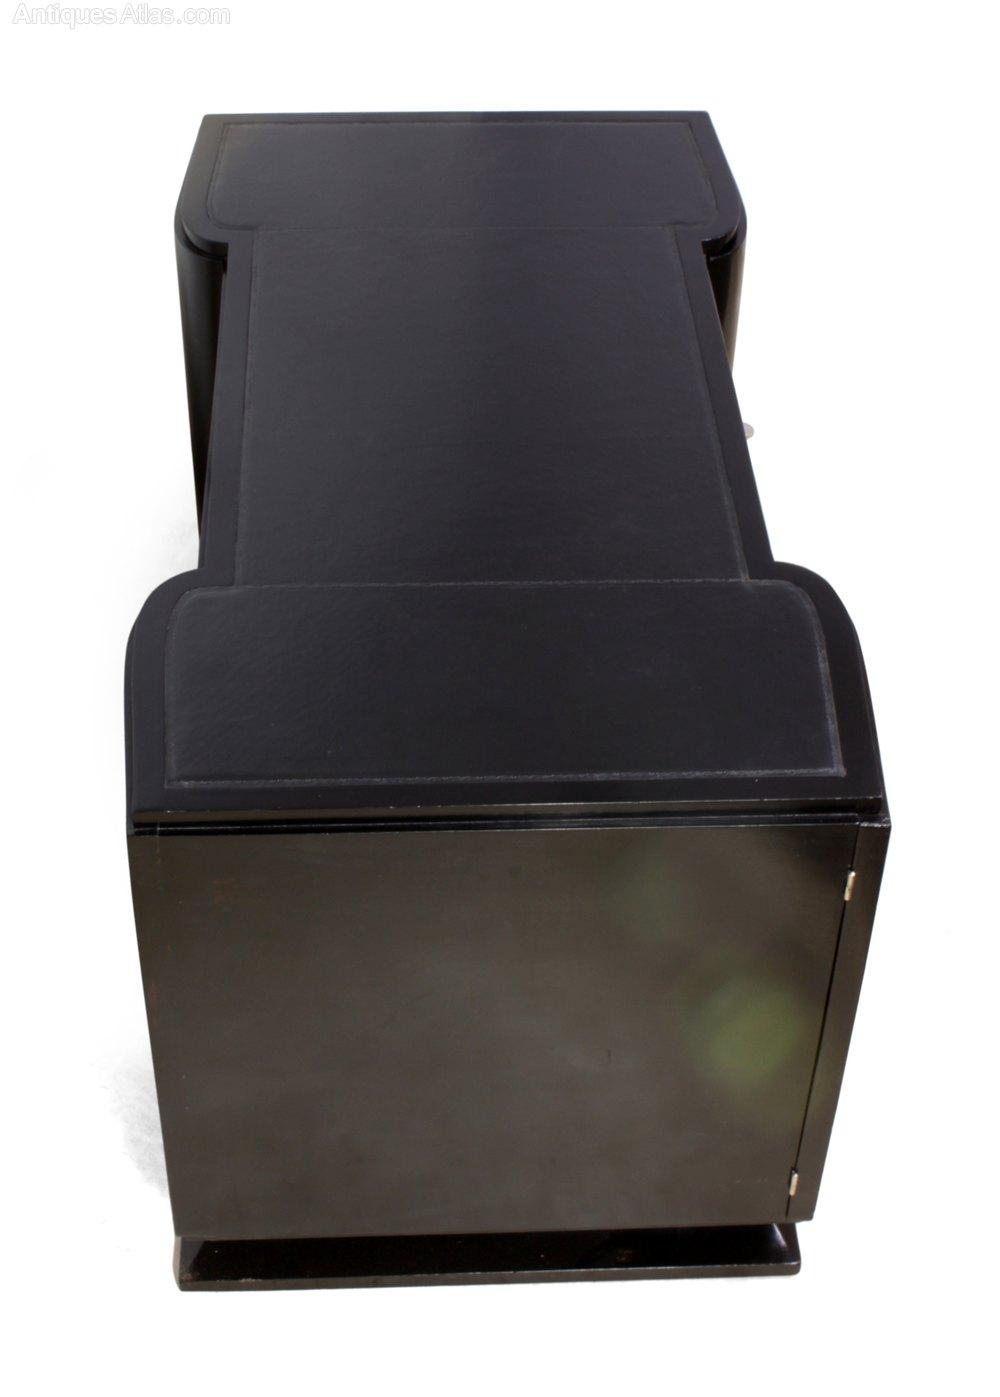 French Art Deco Desk Piano Black C1930 Antique Desks Alt5 Alt6